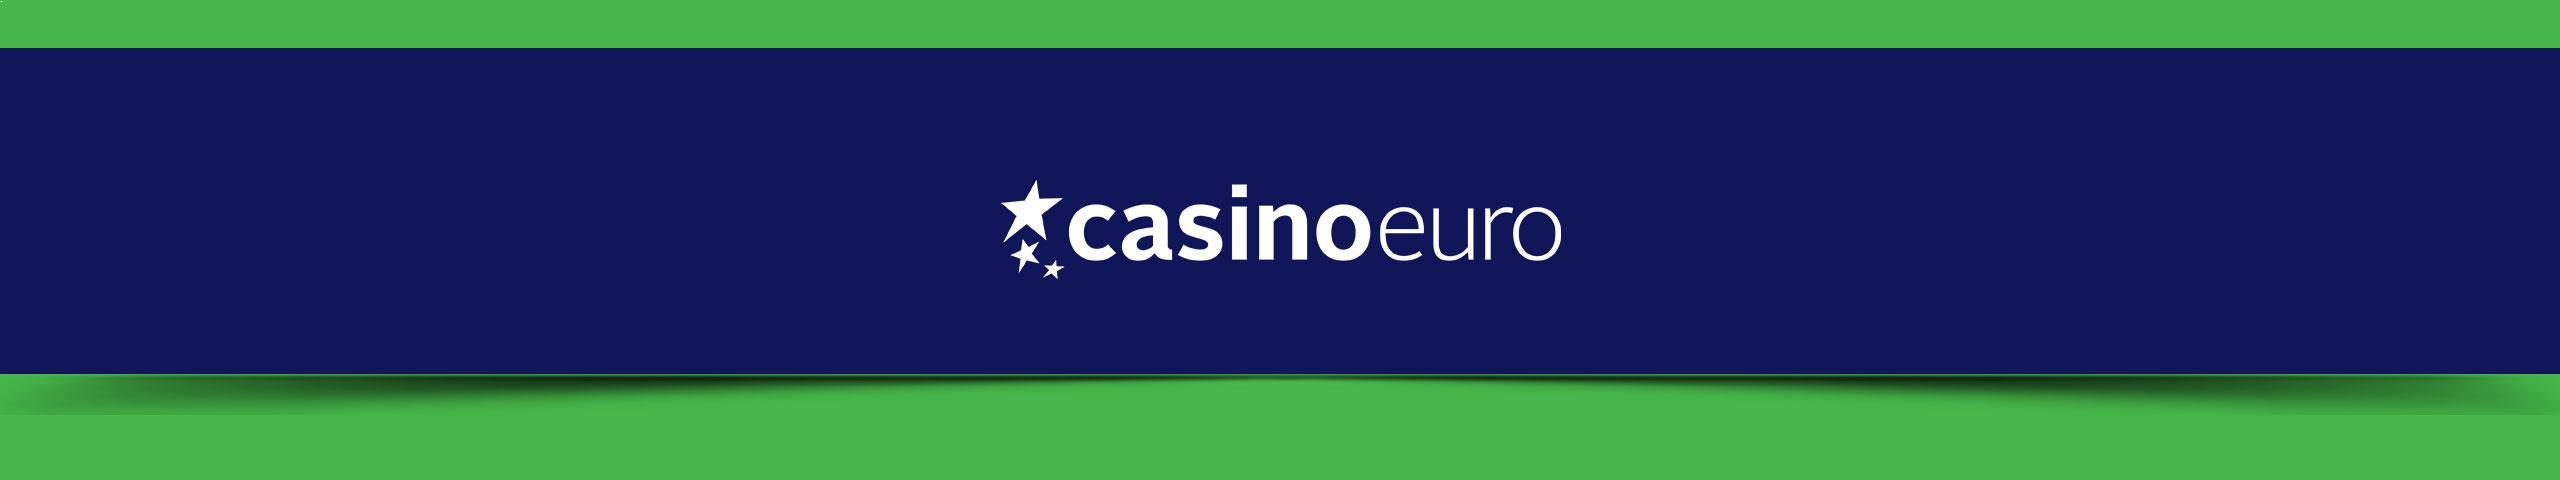 CasinoEuro Vizualizarea Casino-ului Casino Multa Bafta Slider